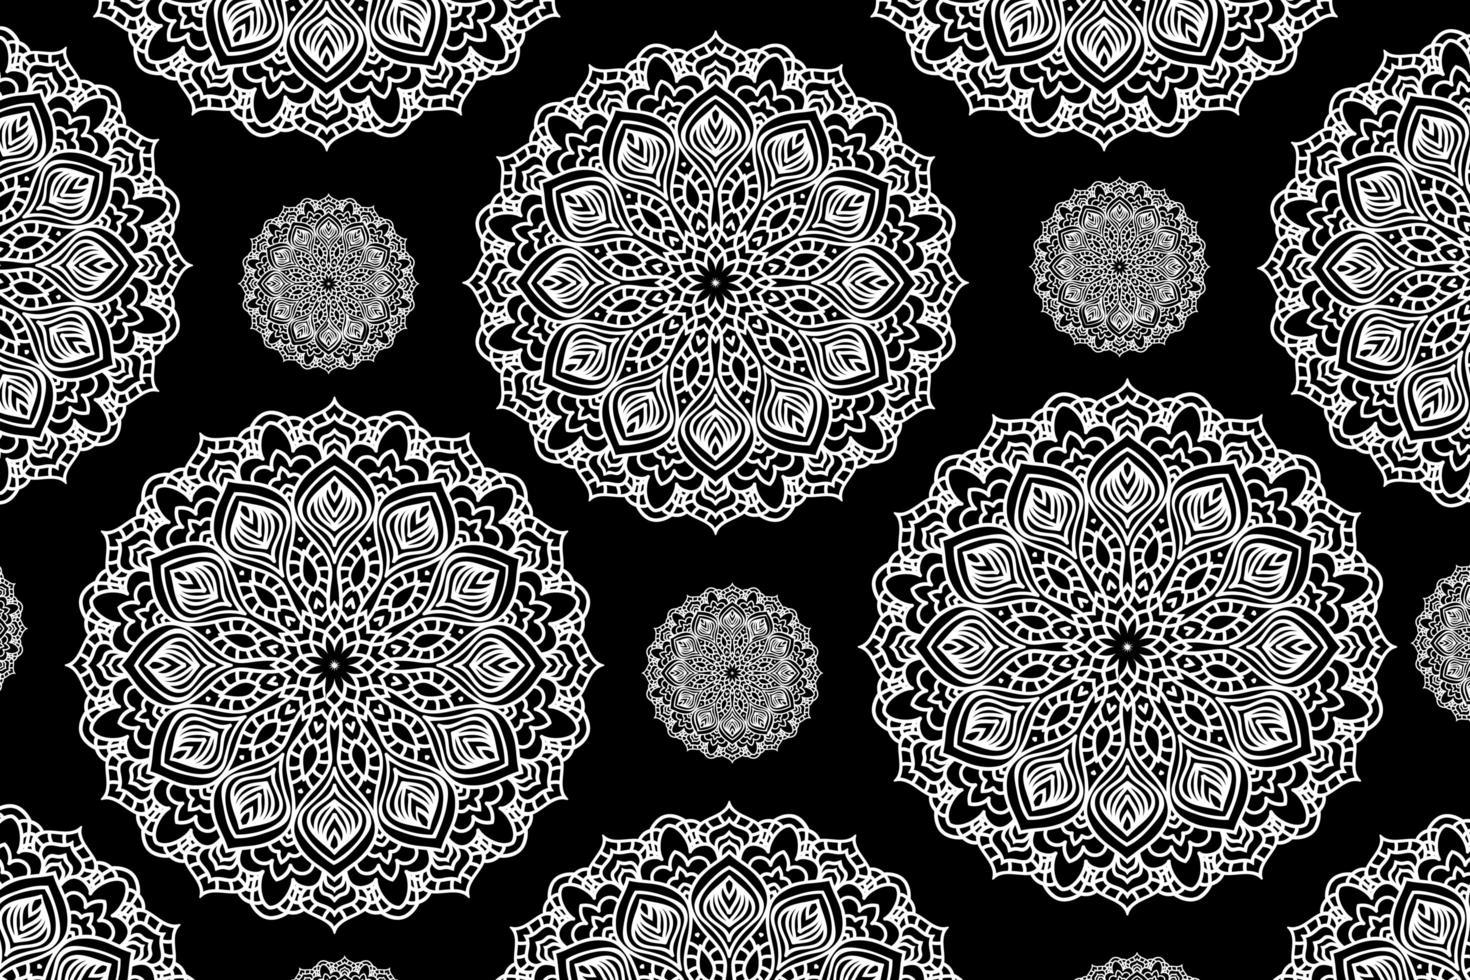 kreisförmiger Mandala Hintergrund. dekorative Verzierung im ethnisch orientalischen Stil. Malbuch Seite. vektor